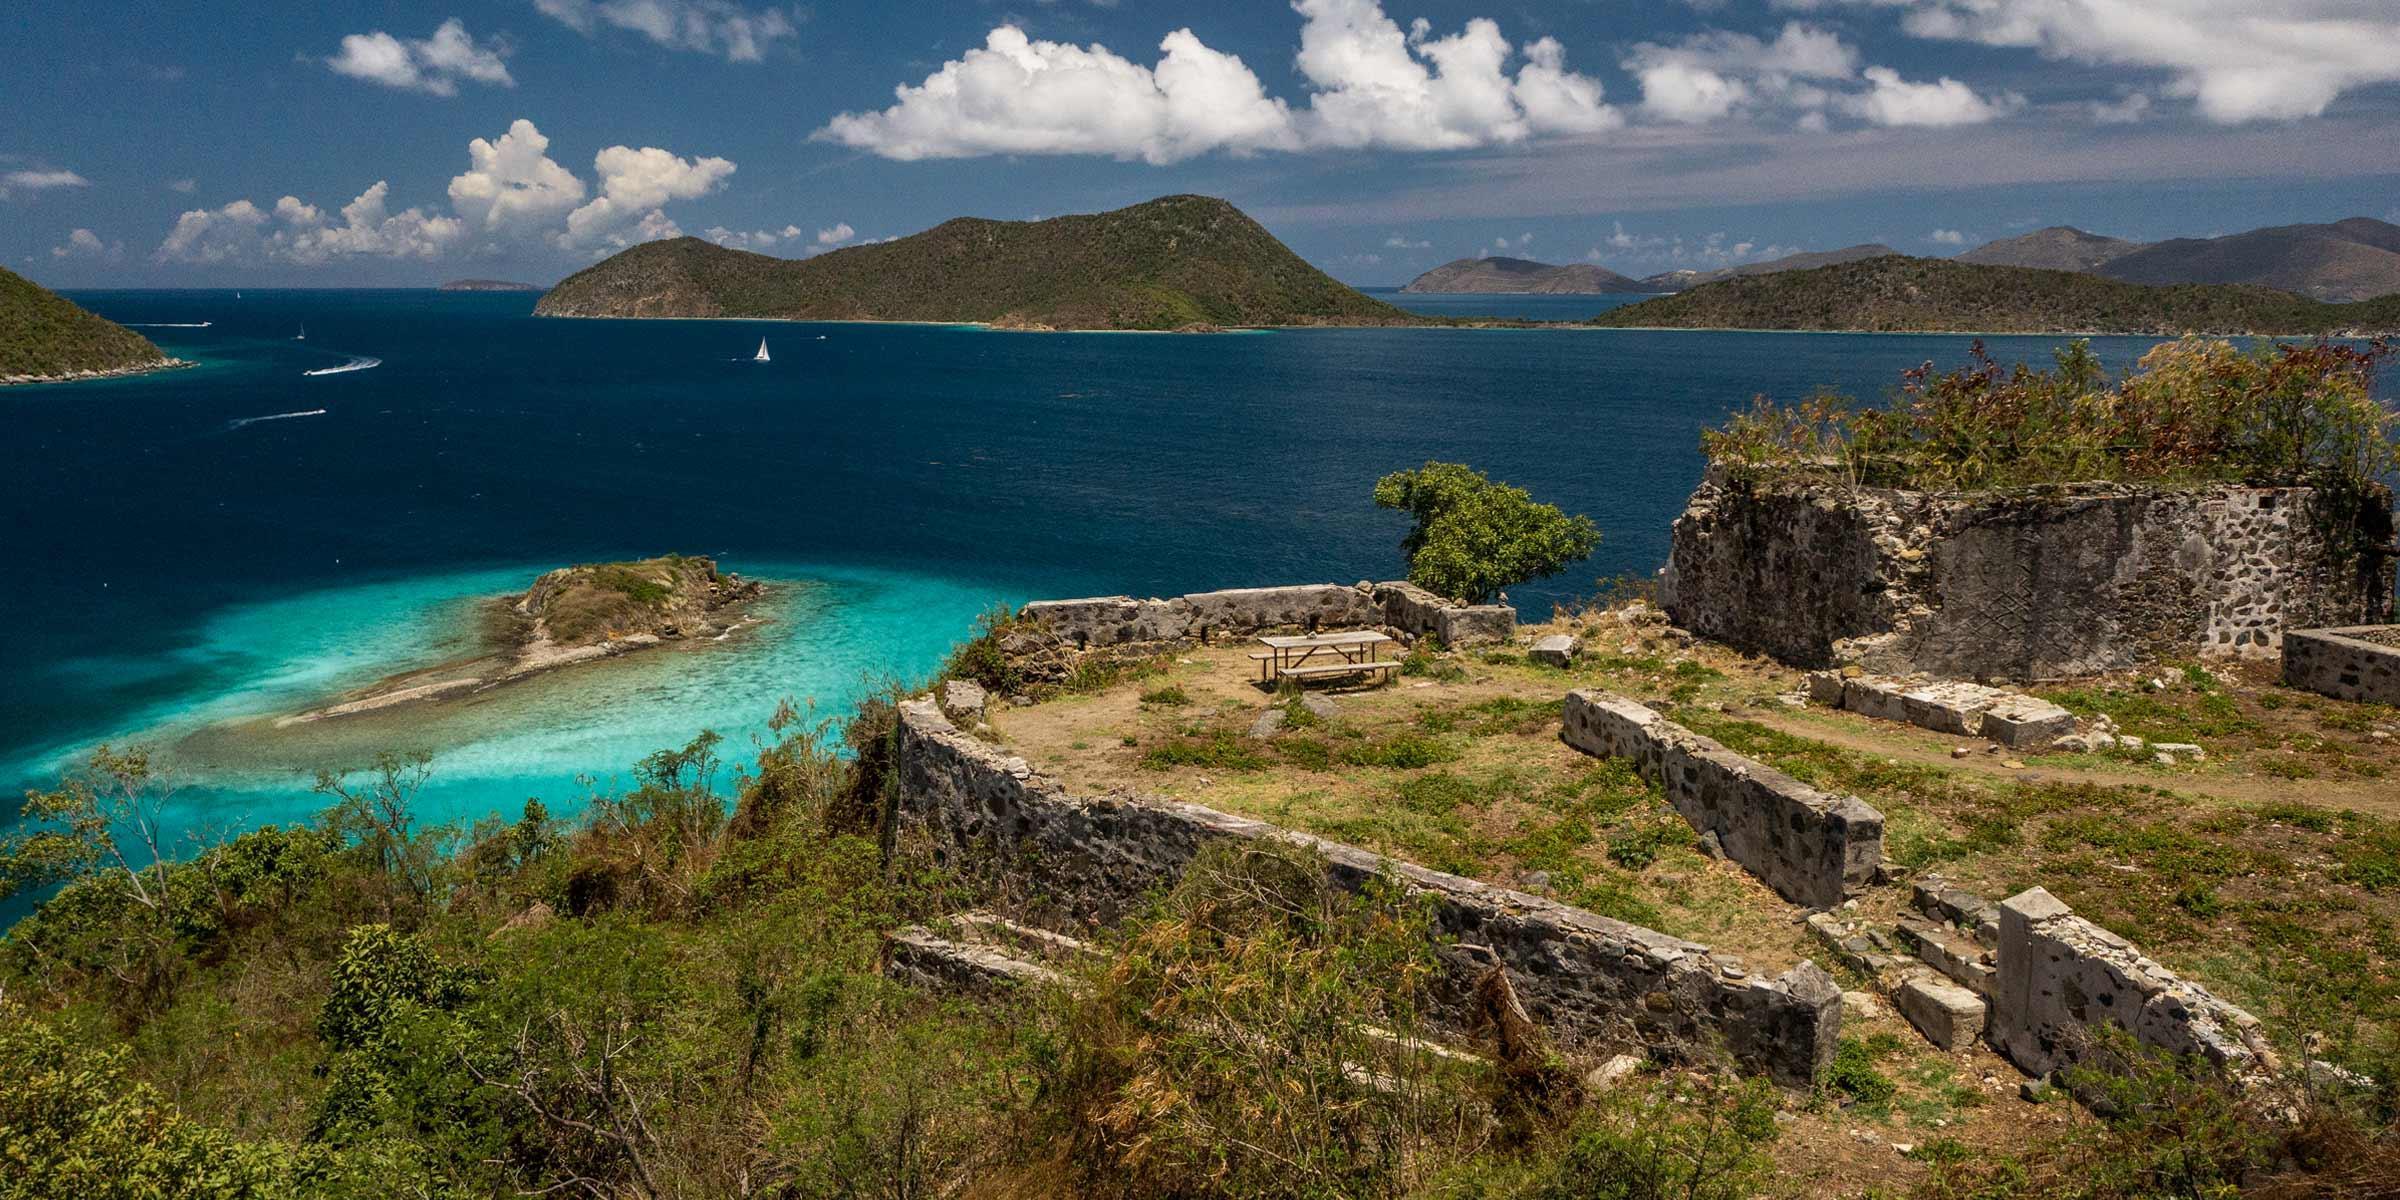 Windy Hill Ruins on St. John overlooking Waterlemon Cay